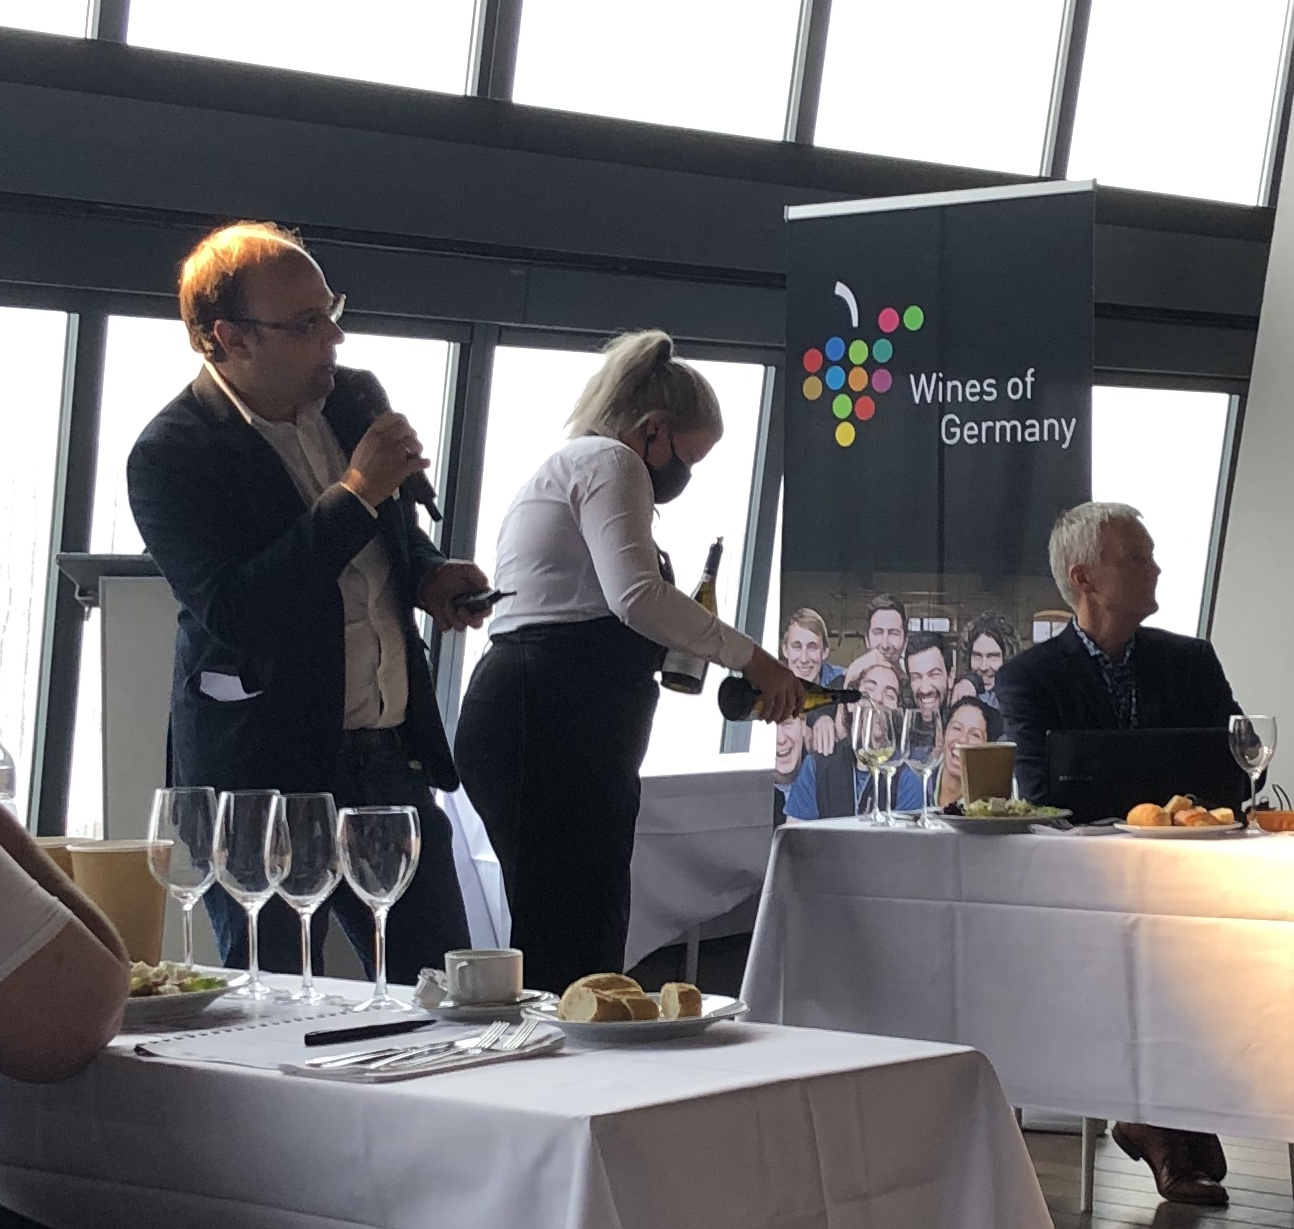 Gerd Brabant, al bijna 20 jaar actief in de Duitse wijnwereld, mede-organisator.